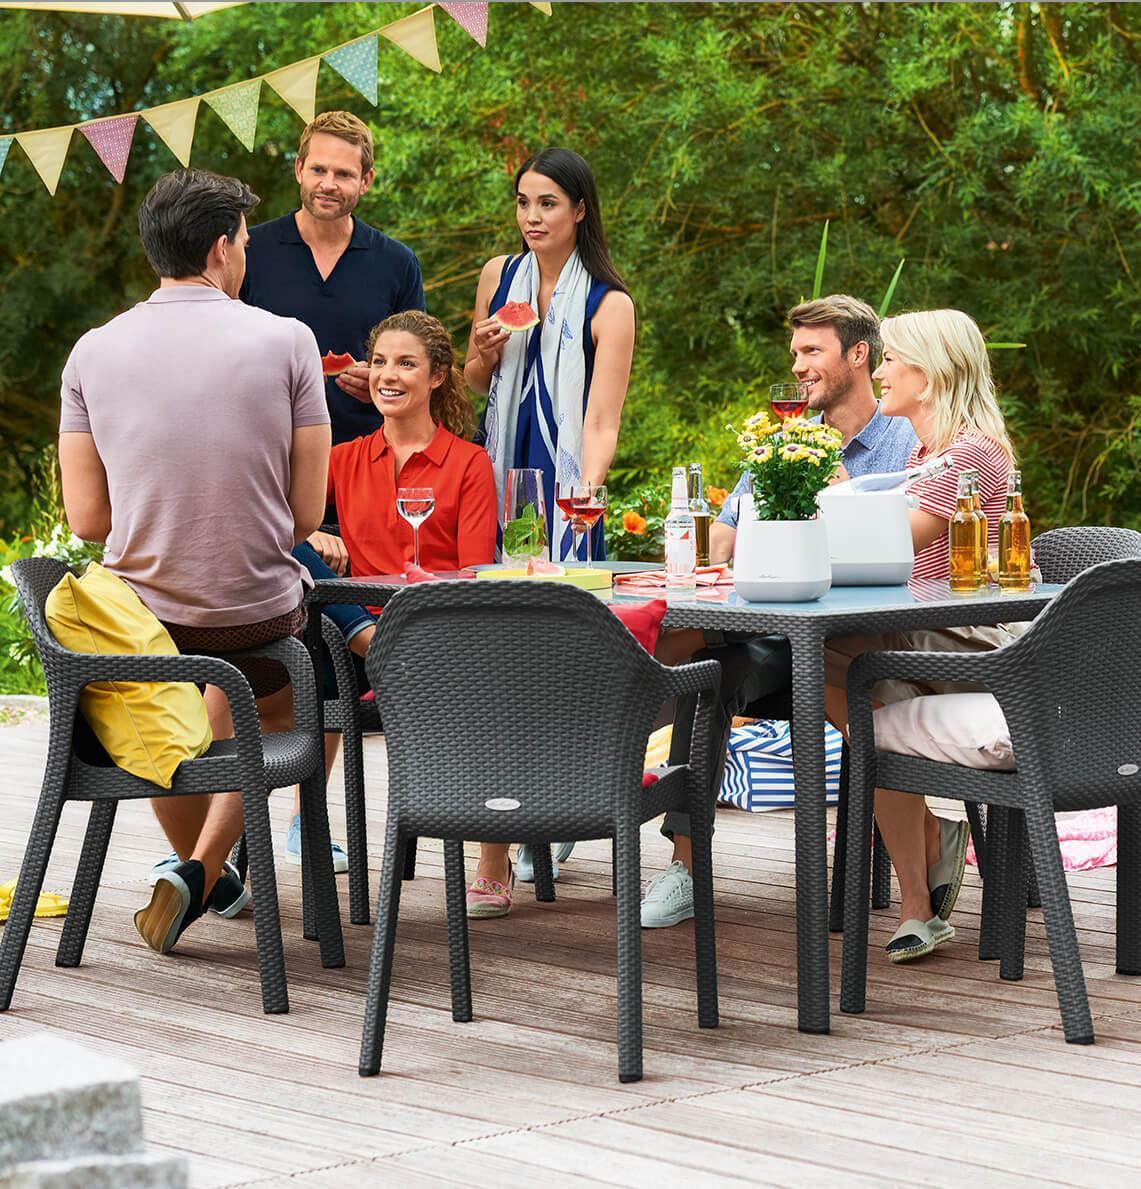 Des amis célèbrent une fête dans la jardin et s'installent confortablement à table.